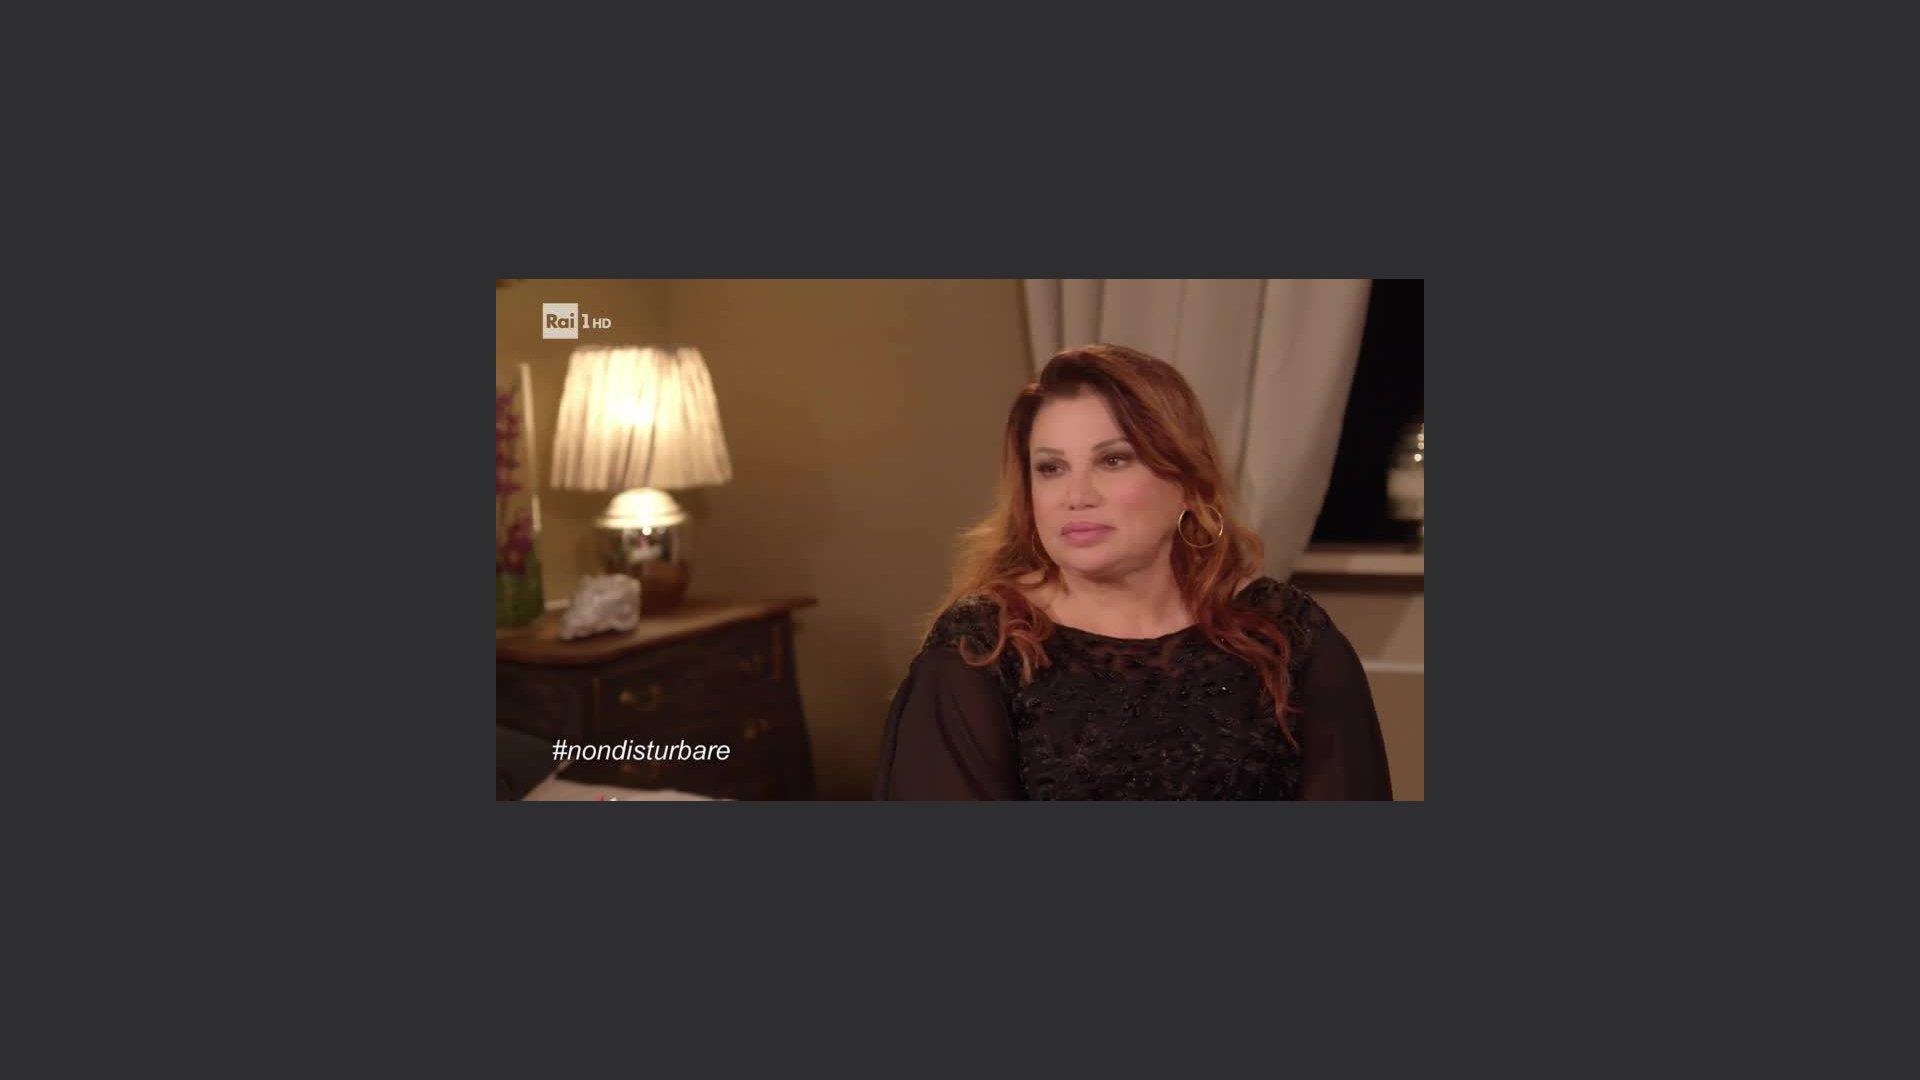 Serena Grandi condannata a due mesi: l'attrice finisce nei pasticci